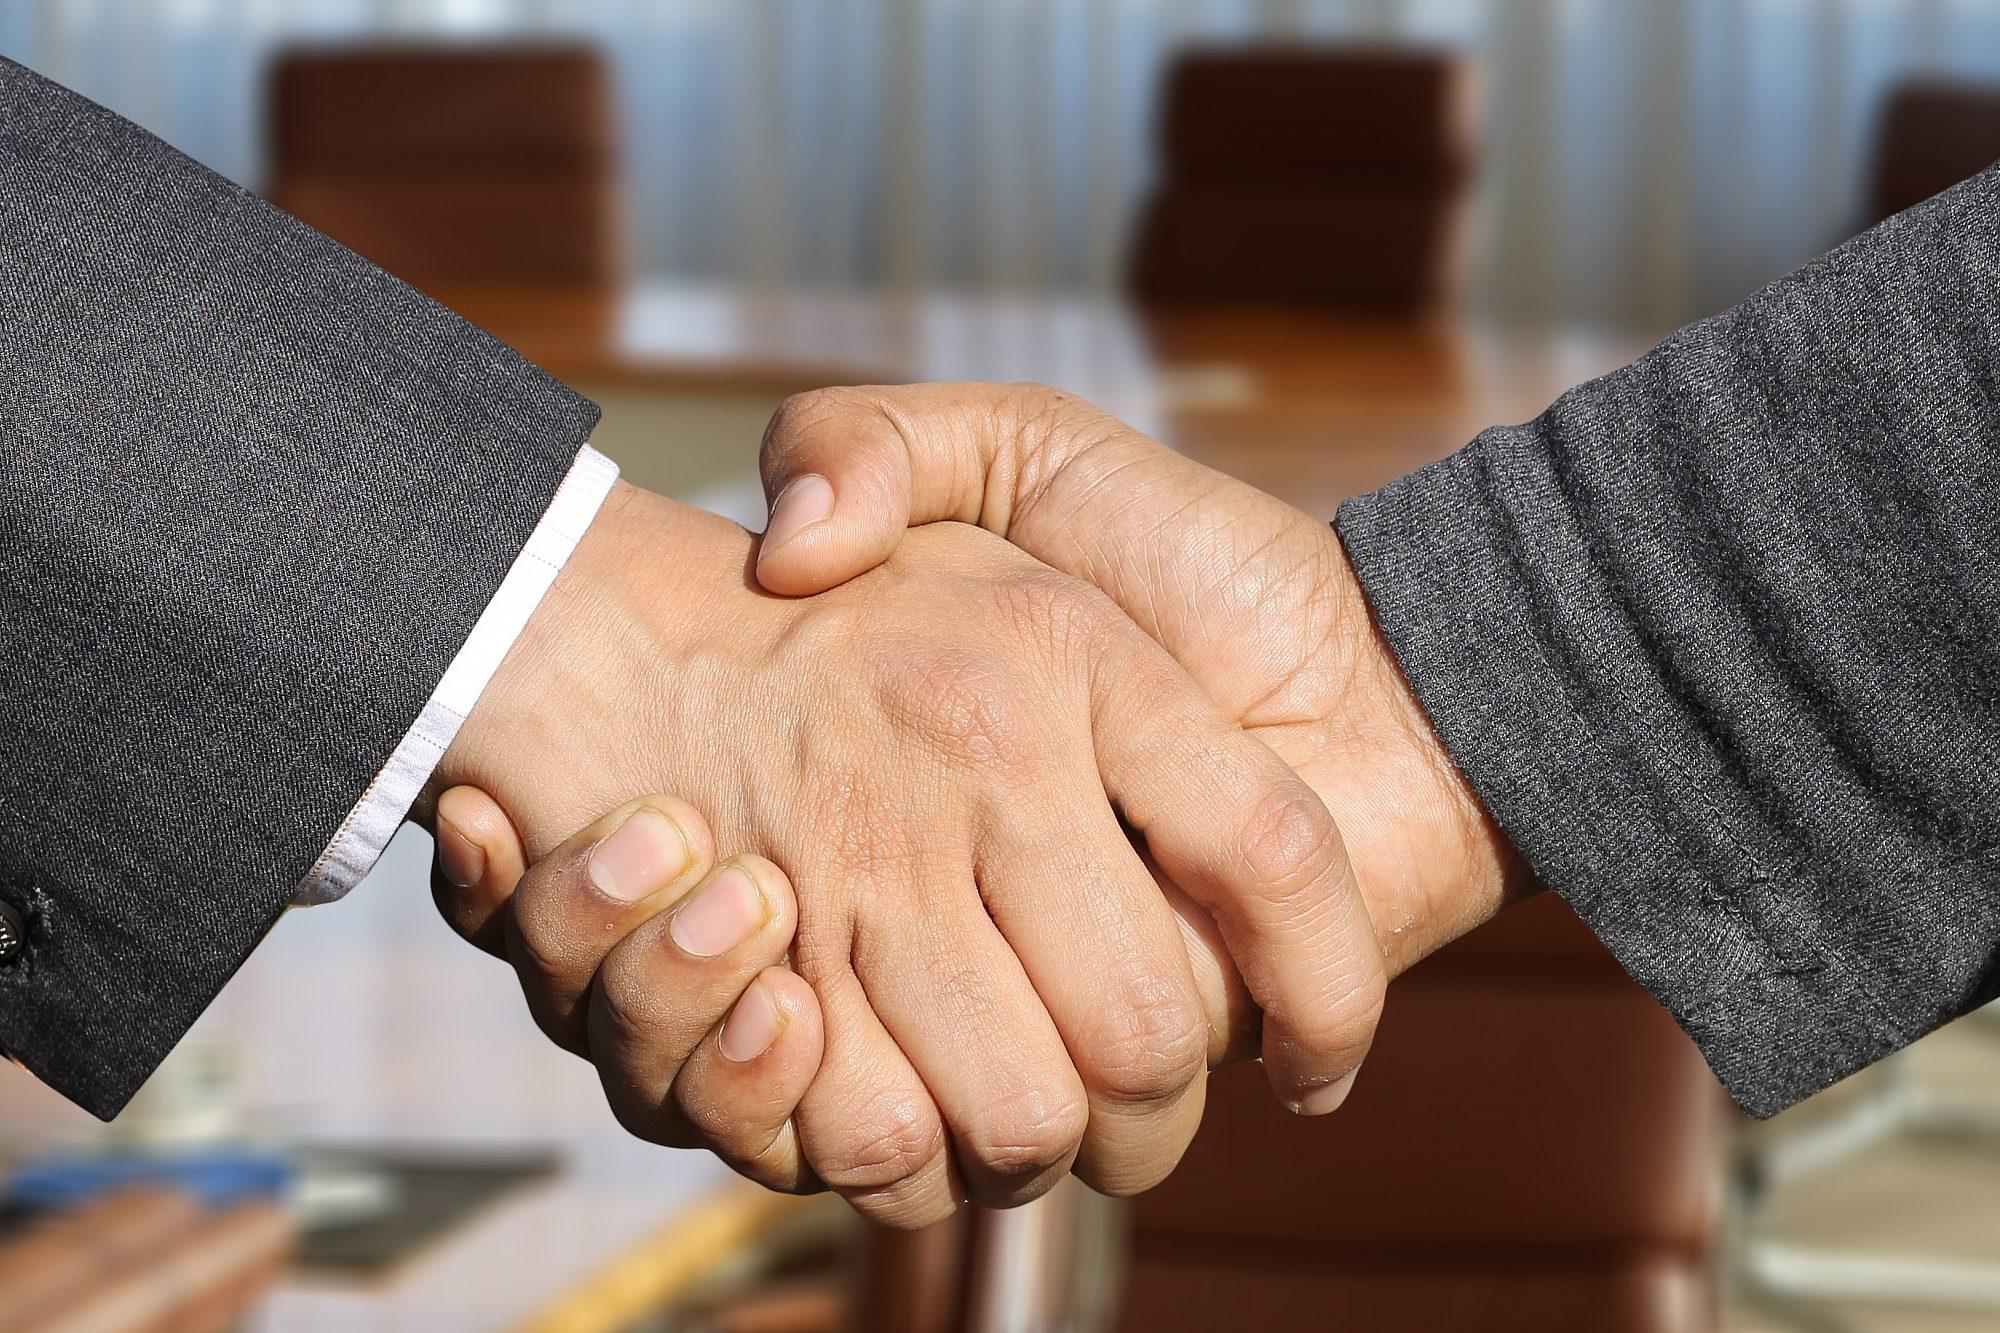 Zusammenarbeit_shaking-hands-pixabay1.jpg